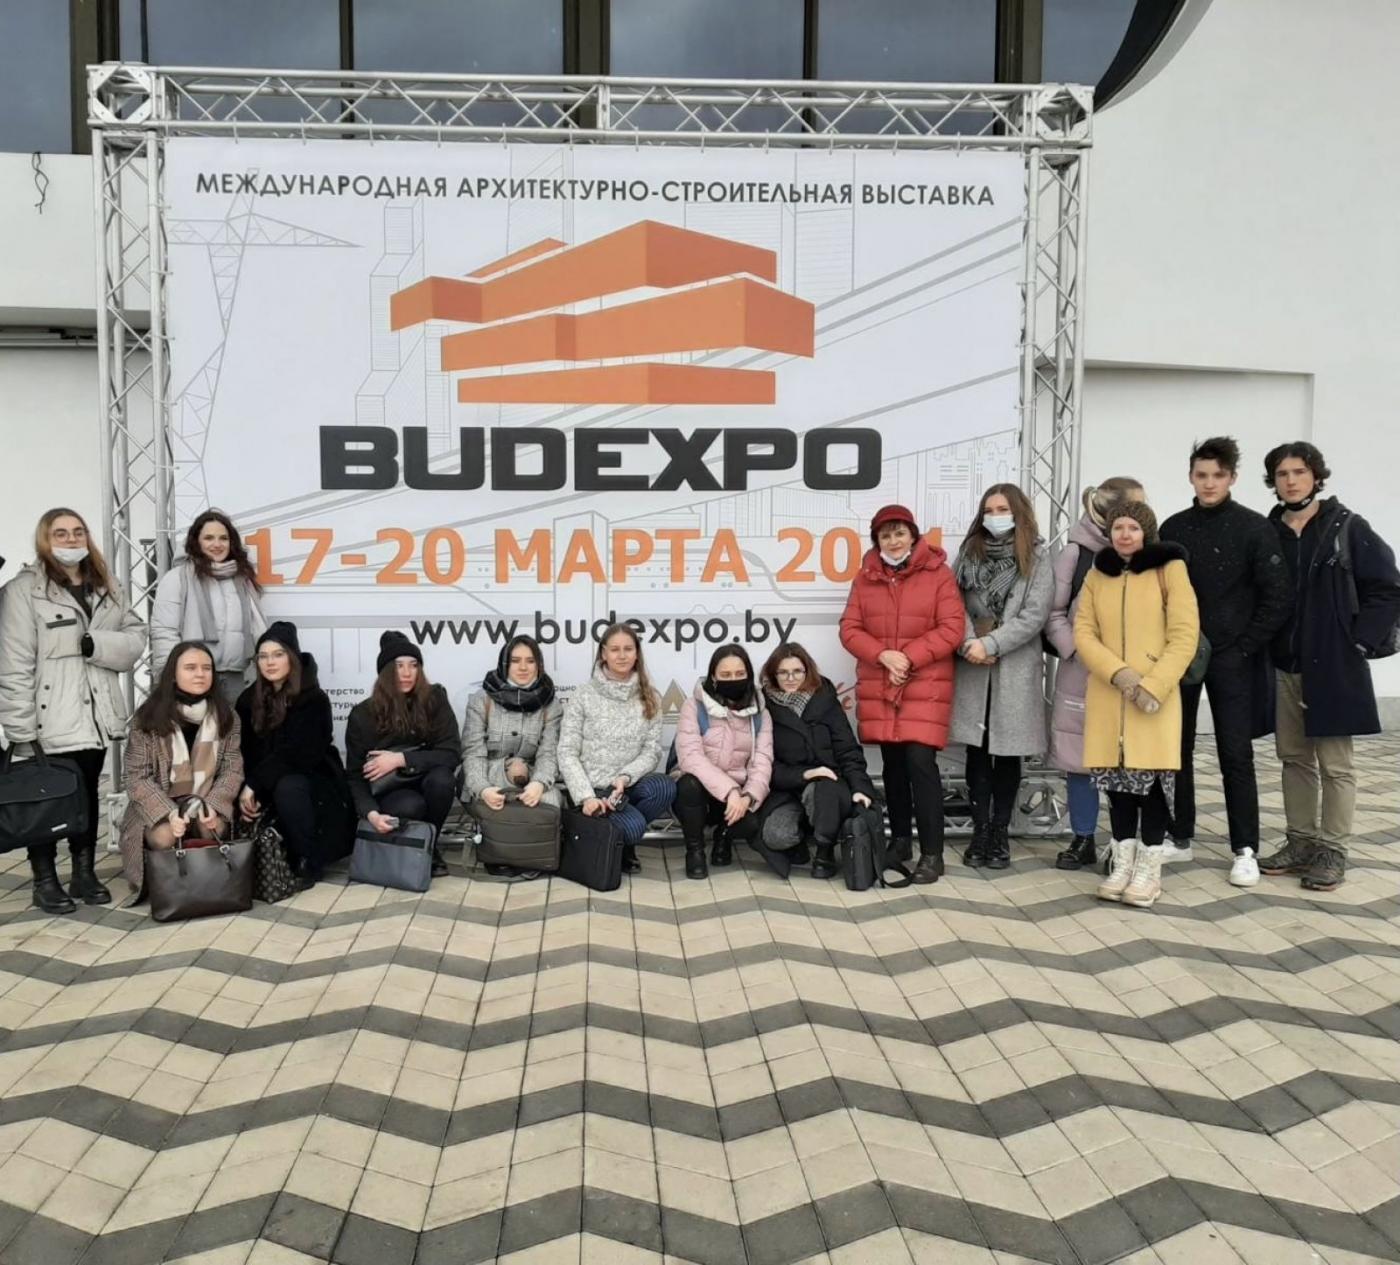 BudExpo-2021: интересно каждому!